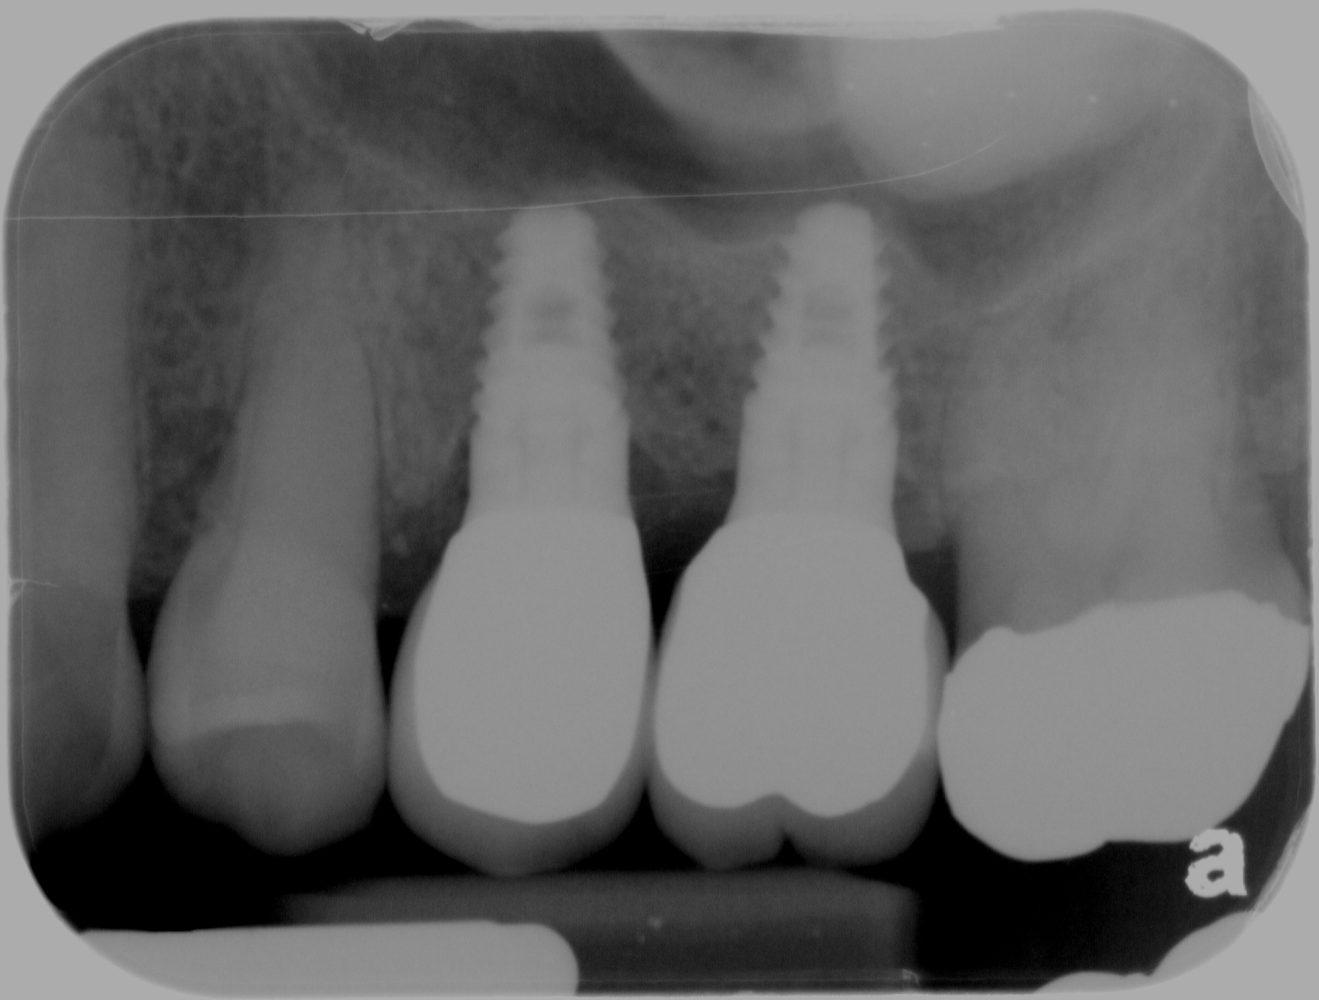 League City Texas Implant Dentist